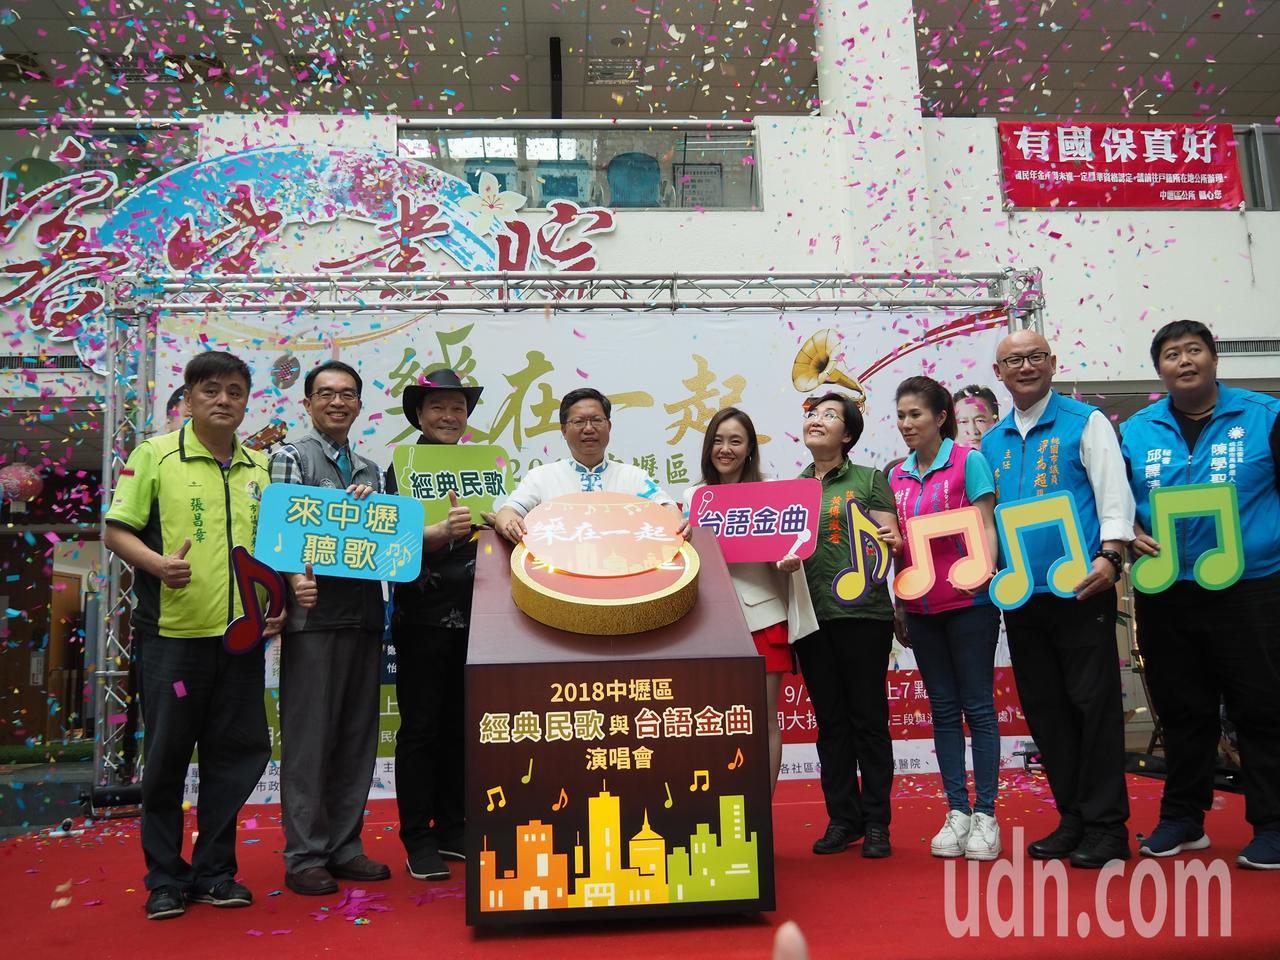 鄭文燦(左4)和歌手、市議員、議員參選人為中壢民歌演唱會宣傳。記者鄭國樑/攝影